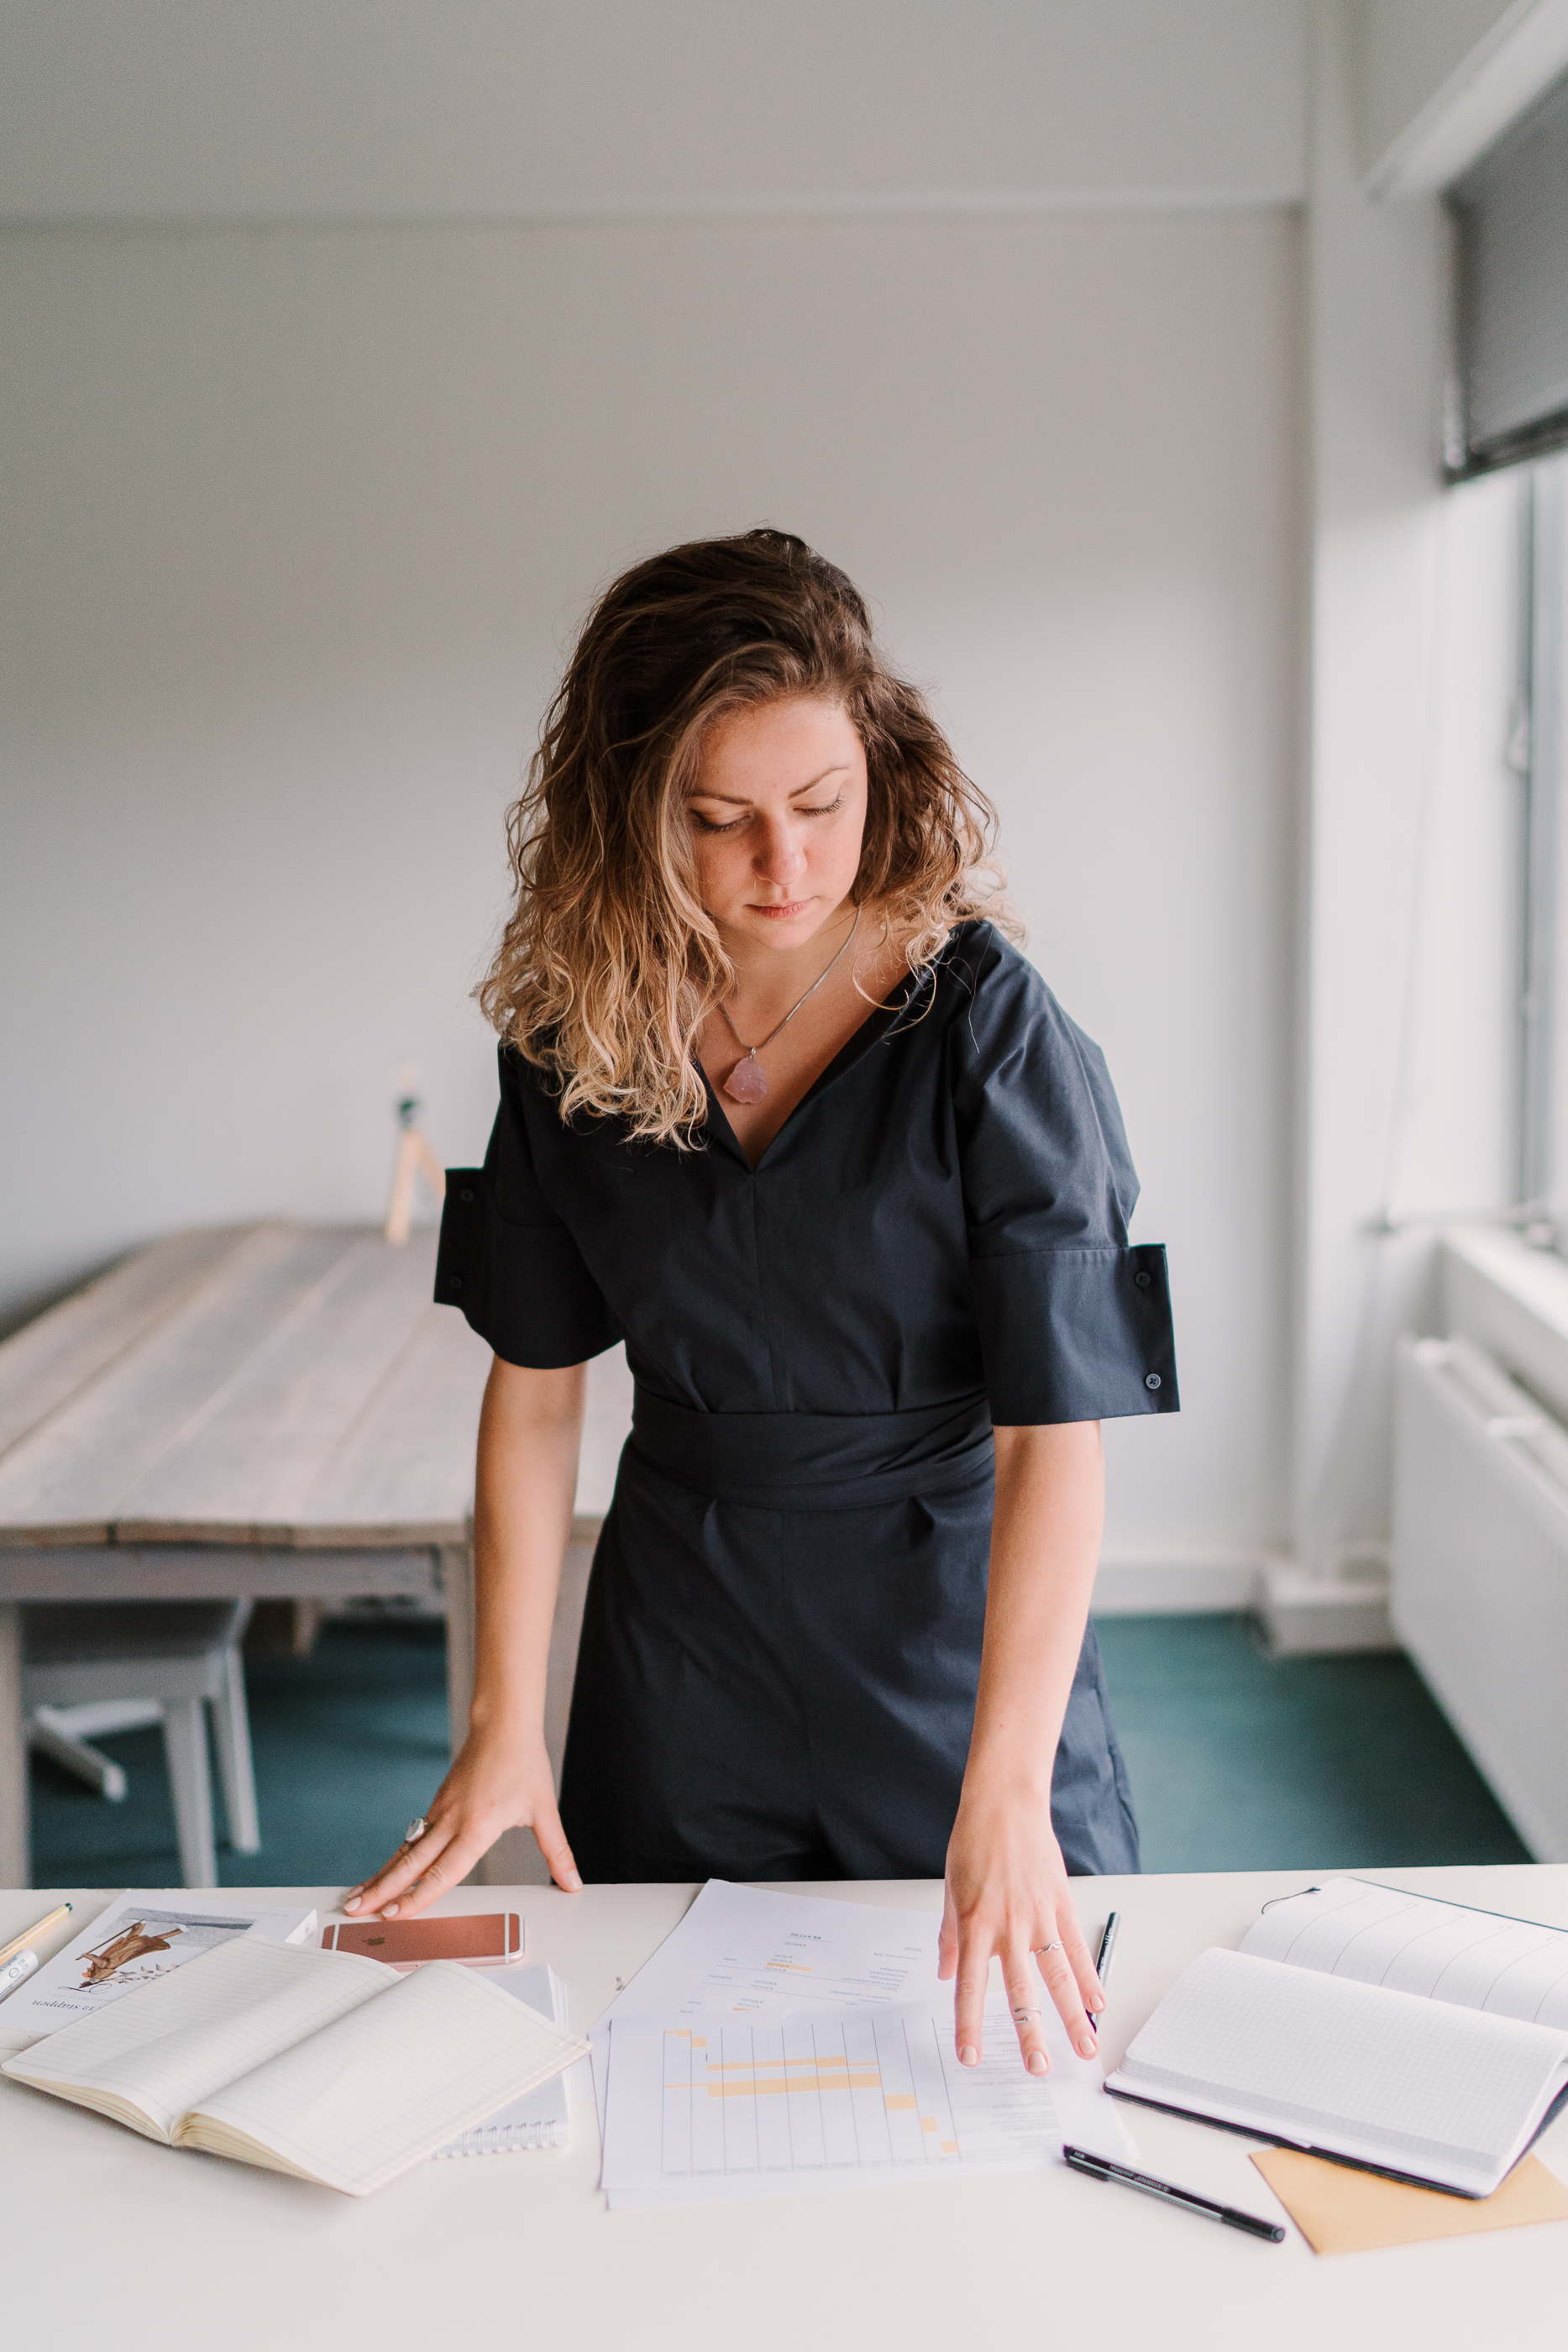 Agnes-Verschuren-eventcoaching-werken-op-kantoor-event-planning